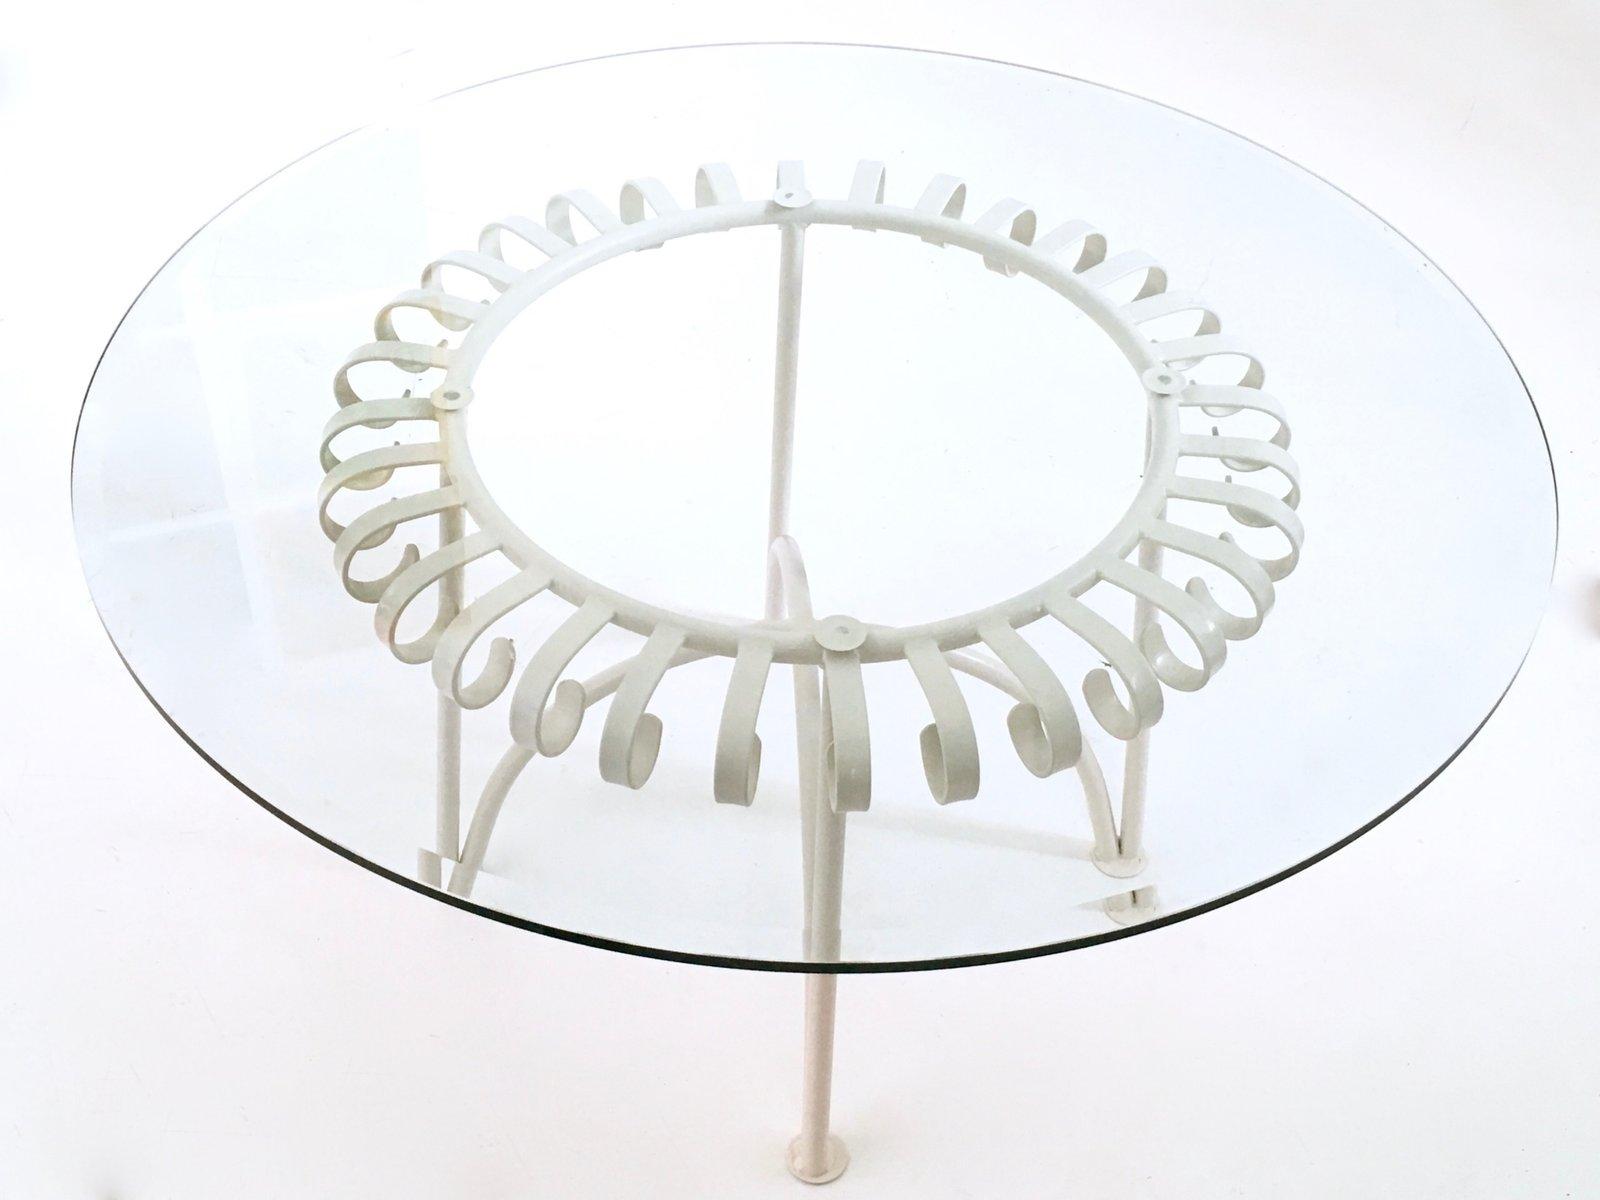 Couchtisch aus glas lackiertem metall 1950er bei pamono for Couchtisch metall glas